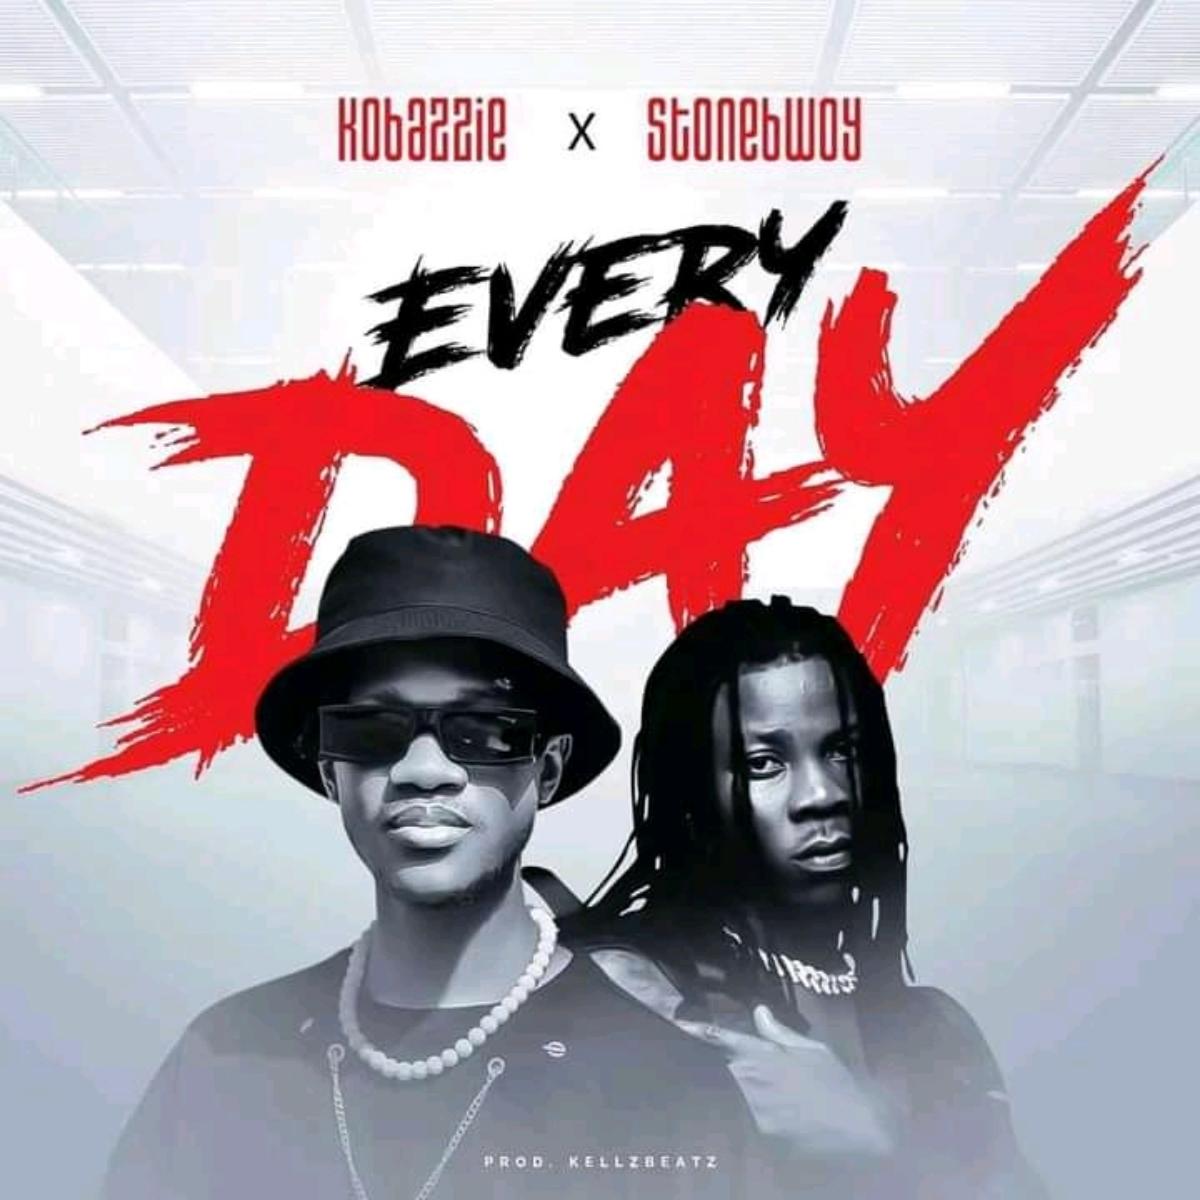 Kobazzie - Everyday Ft Stonebwoy